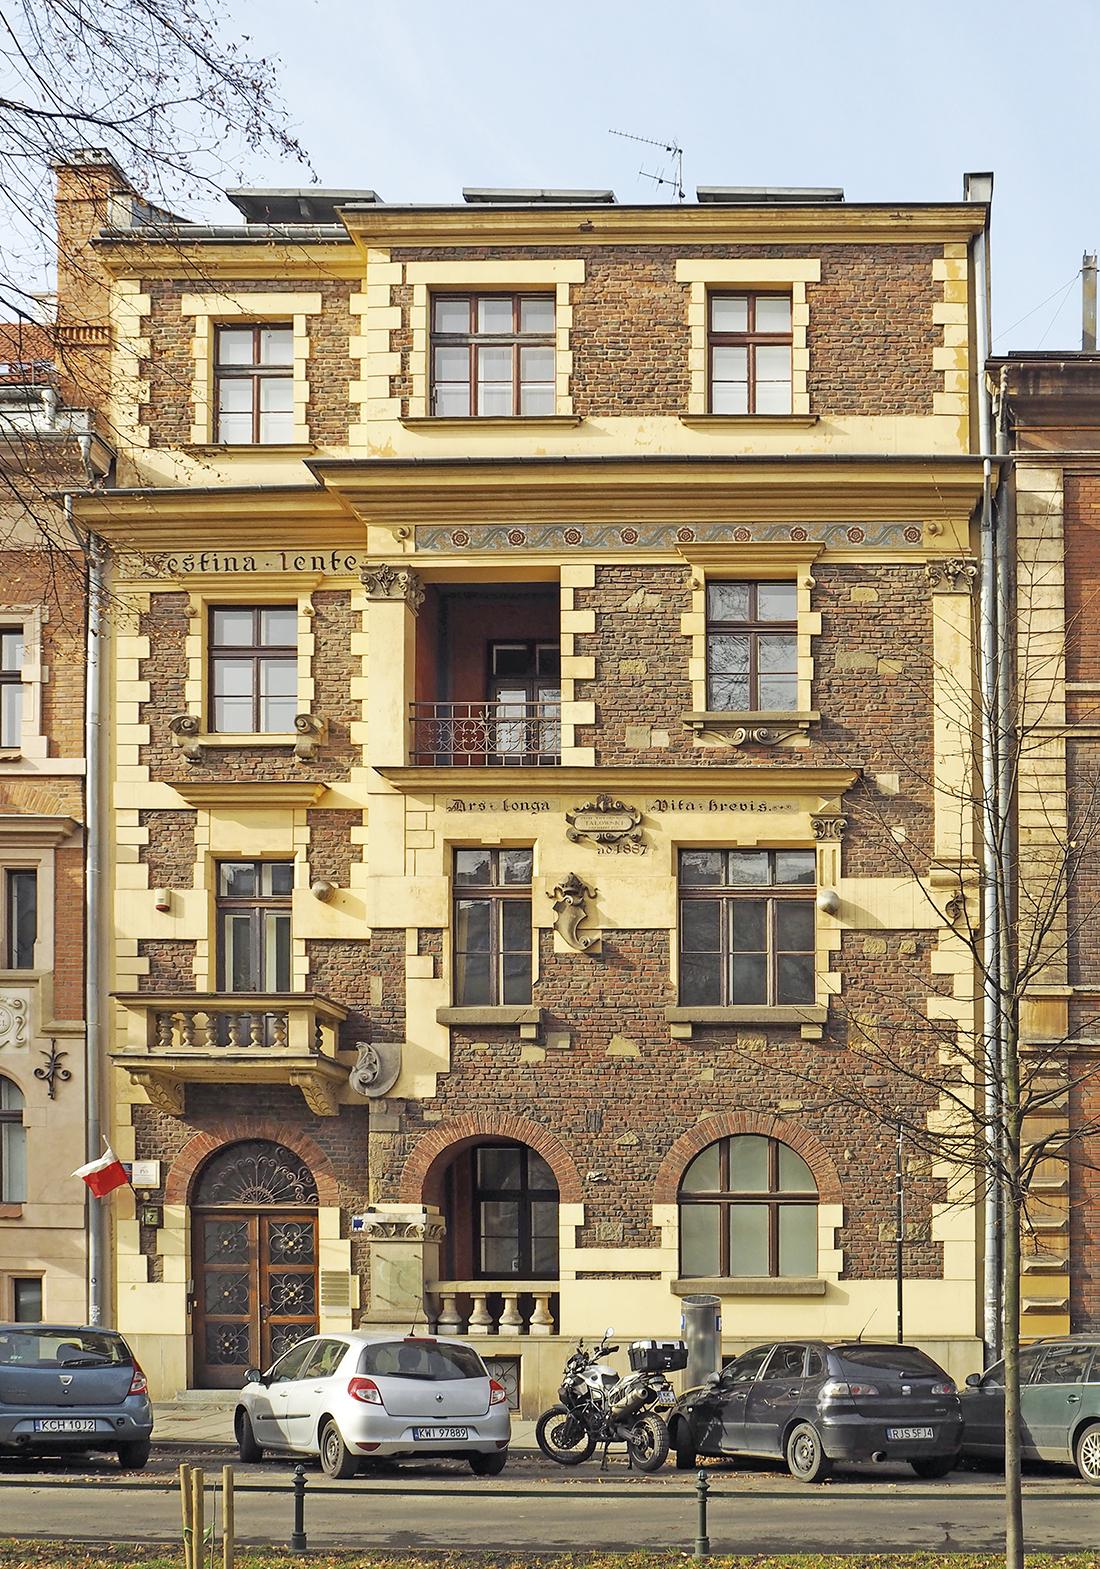 Kamienica: ul. Retoryka 7 festina lente znadbudowanym trzecim piętrem